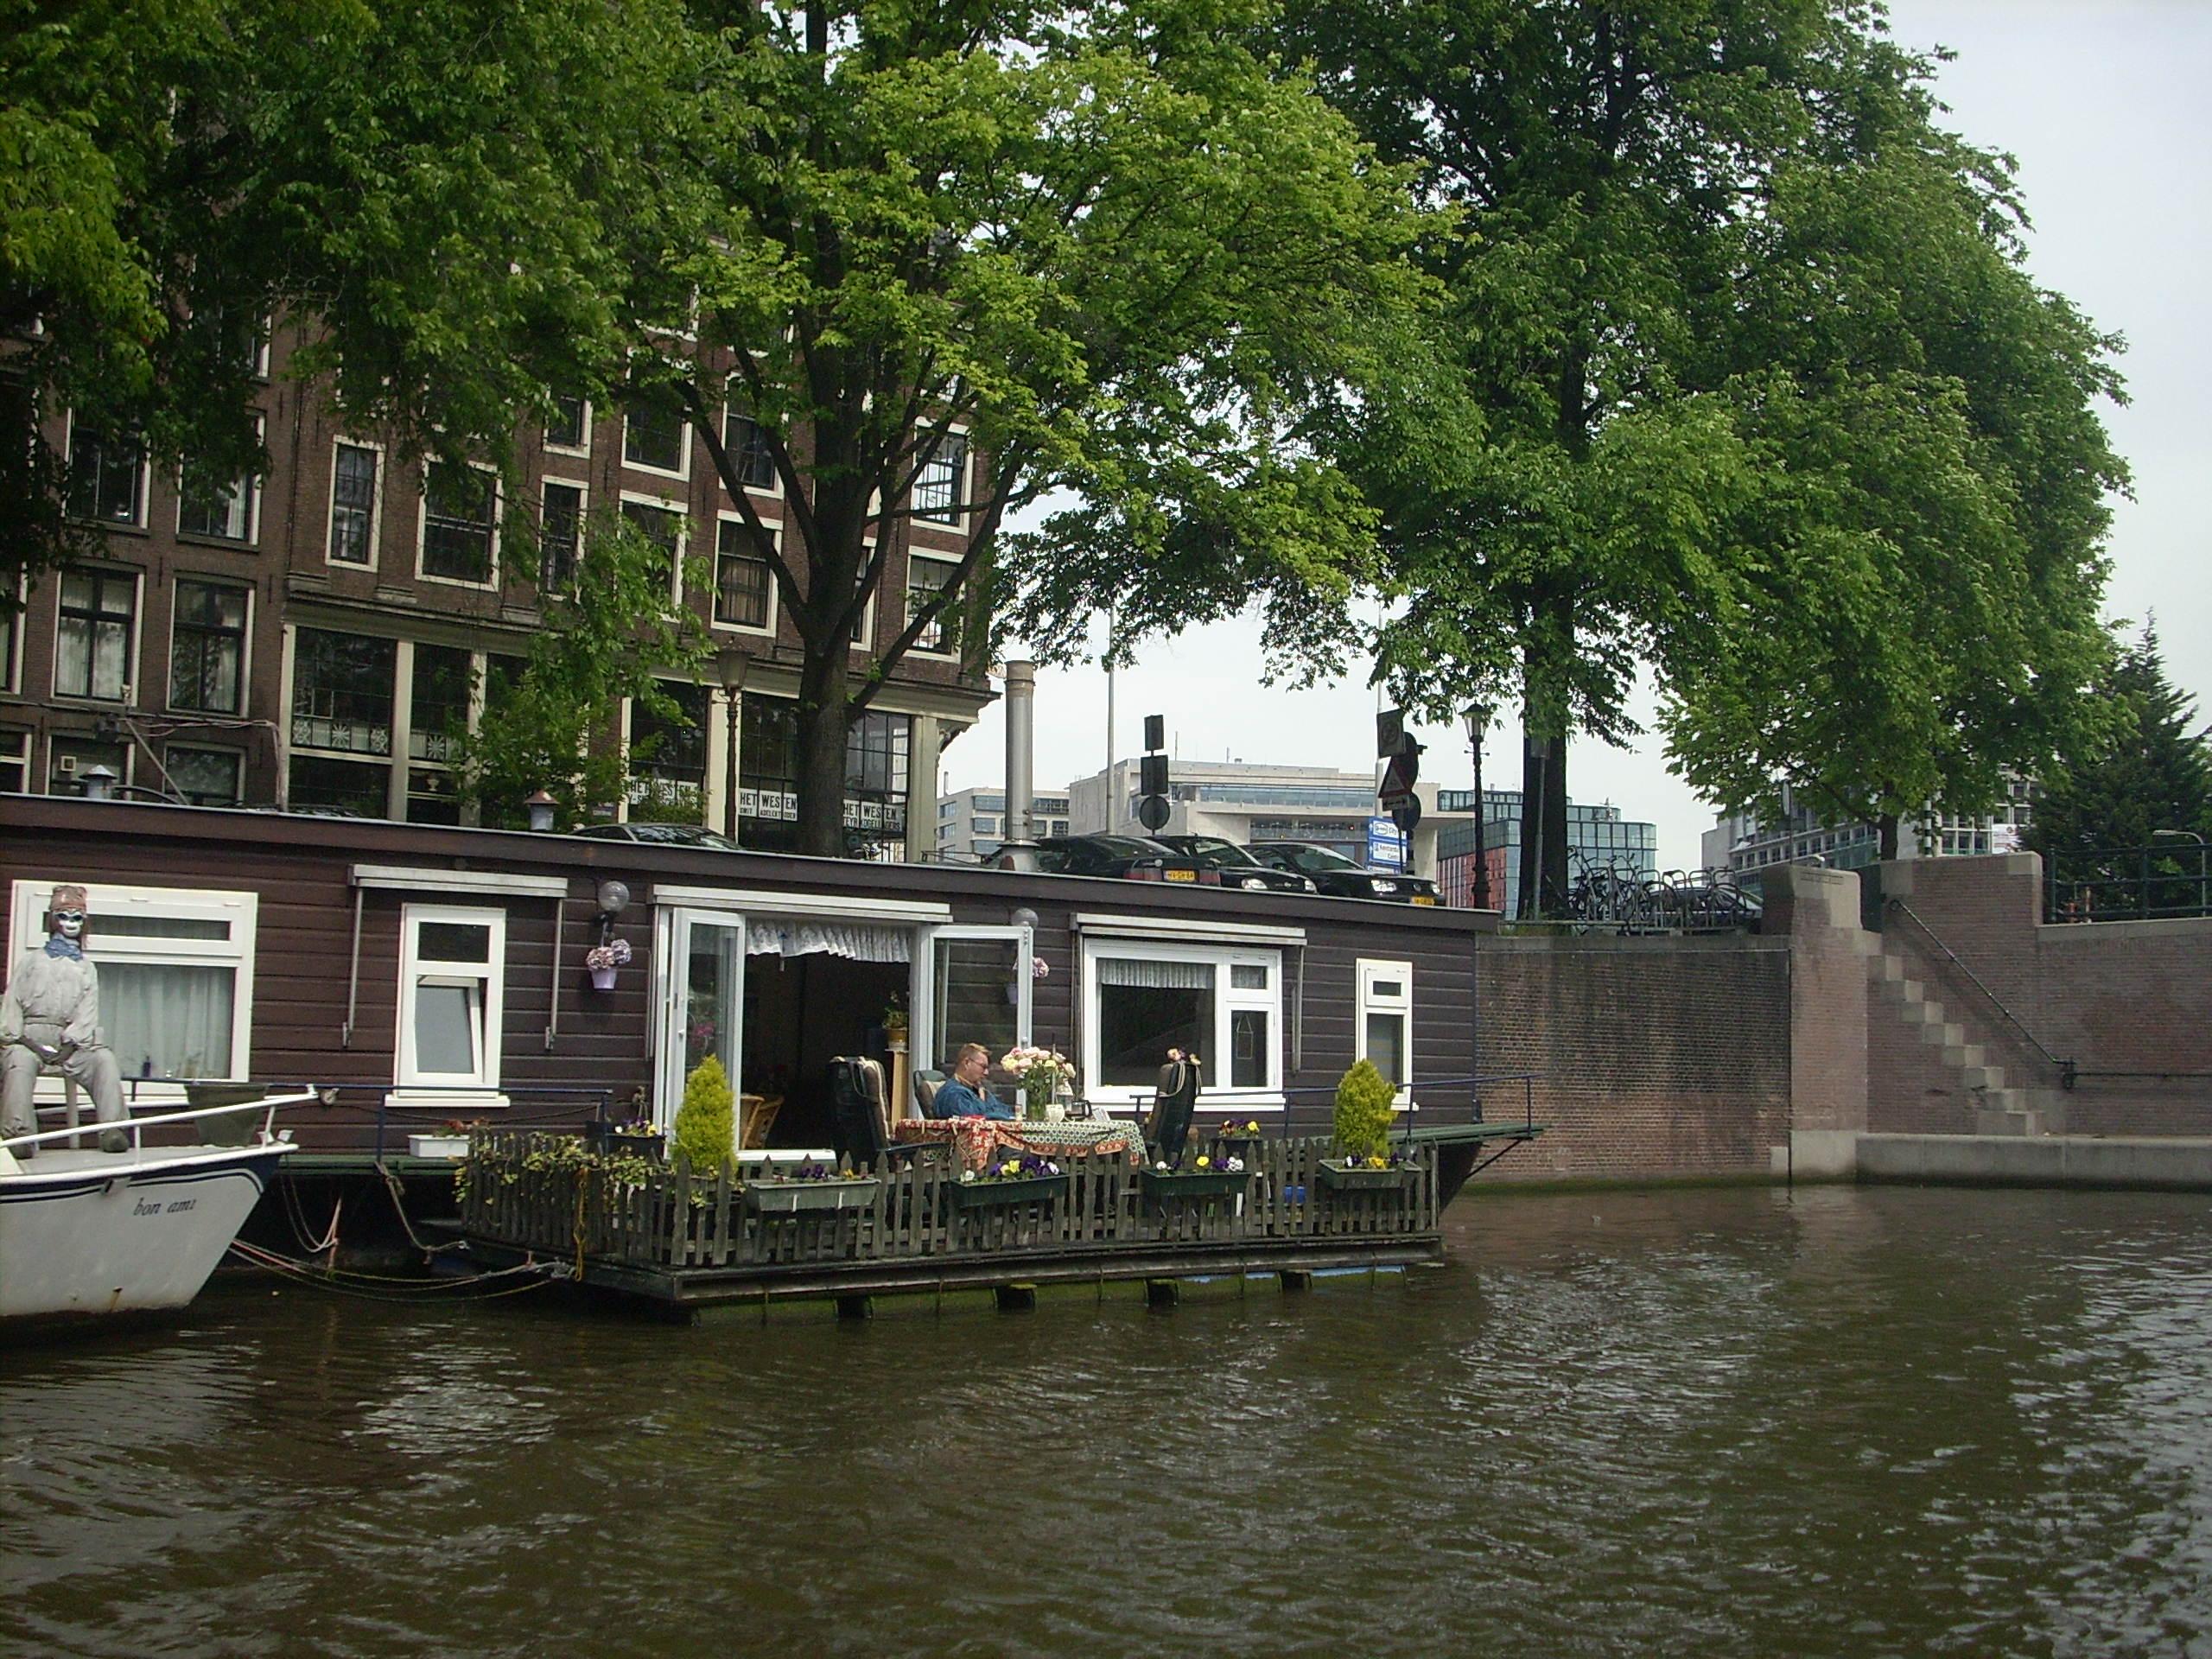 Vivere sull'acqua - case galleggianti ad Amsterdam